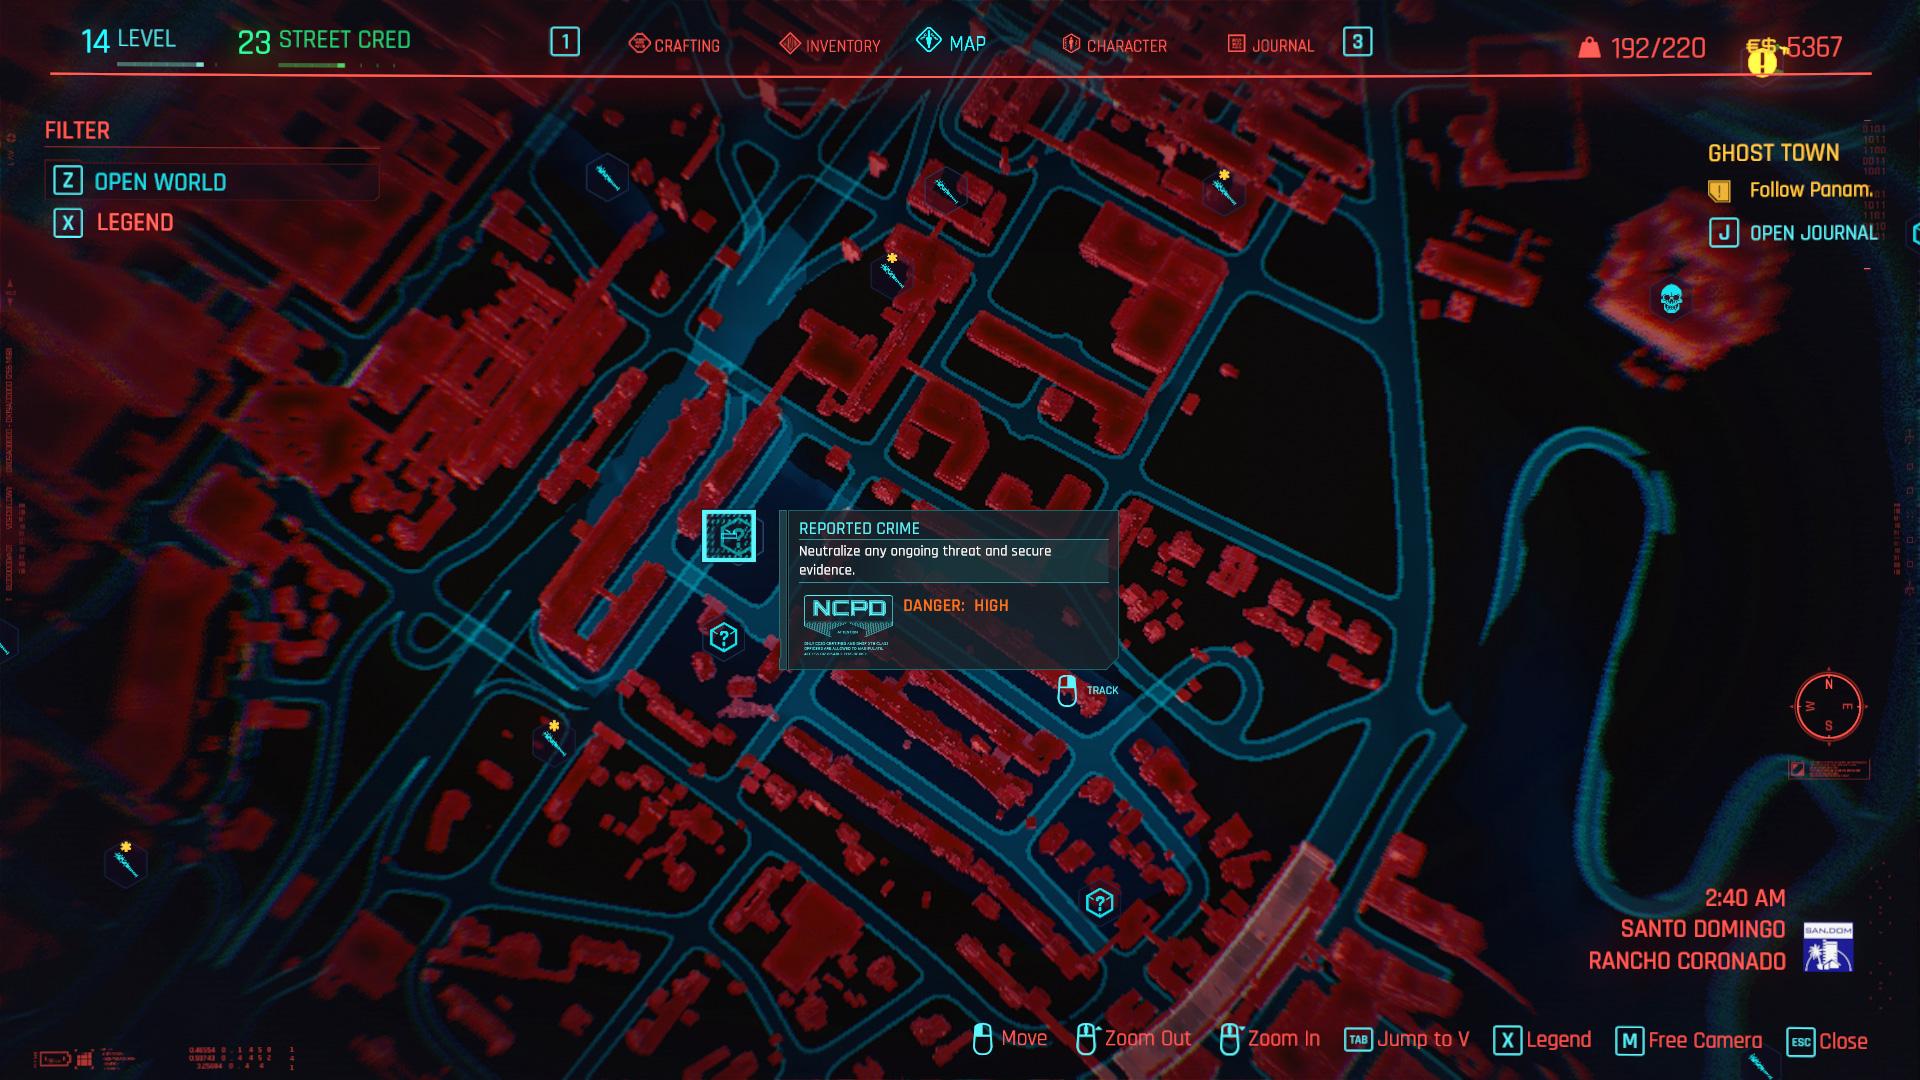 Meilleures façons de gagner de l'argent dans Cyberpunk 2077 - Crime signalé